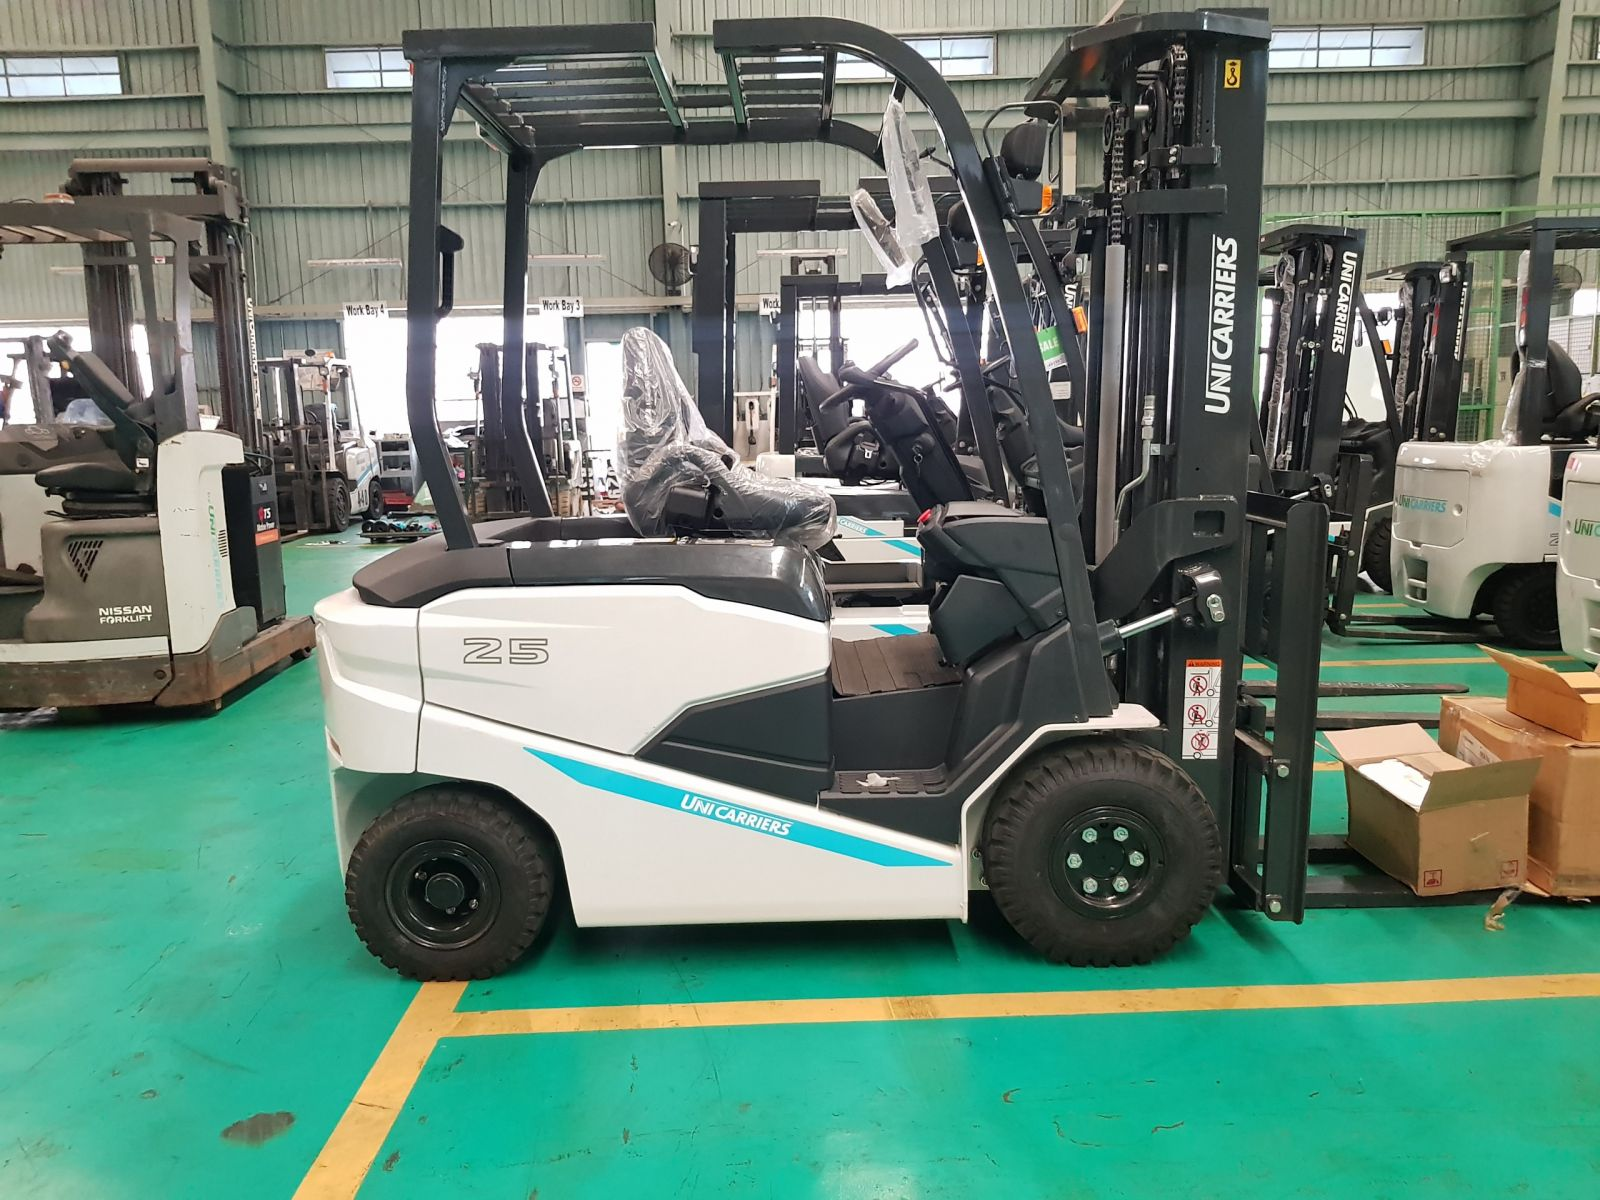 XE NÂNG ĐIỆN NGỒI LÁI BX2 SERIERS (1.5-3.5) TẤN, Giá bán xe nâng Điện 1,5 tấn, 2,5 tấn sản xuất 2021